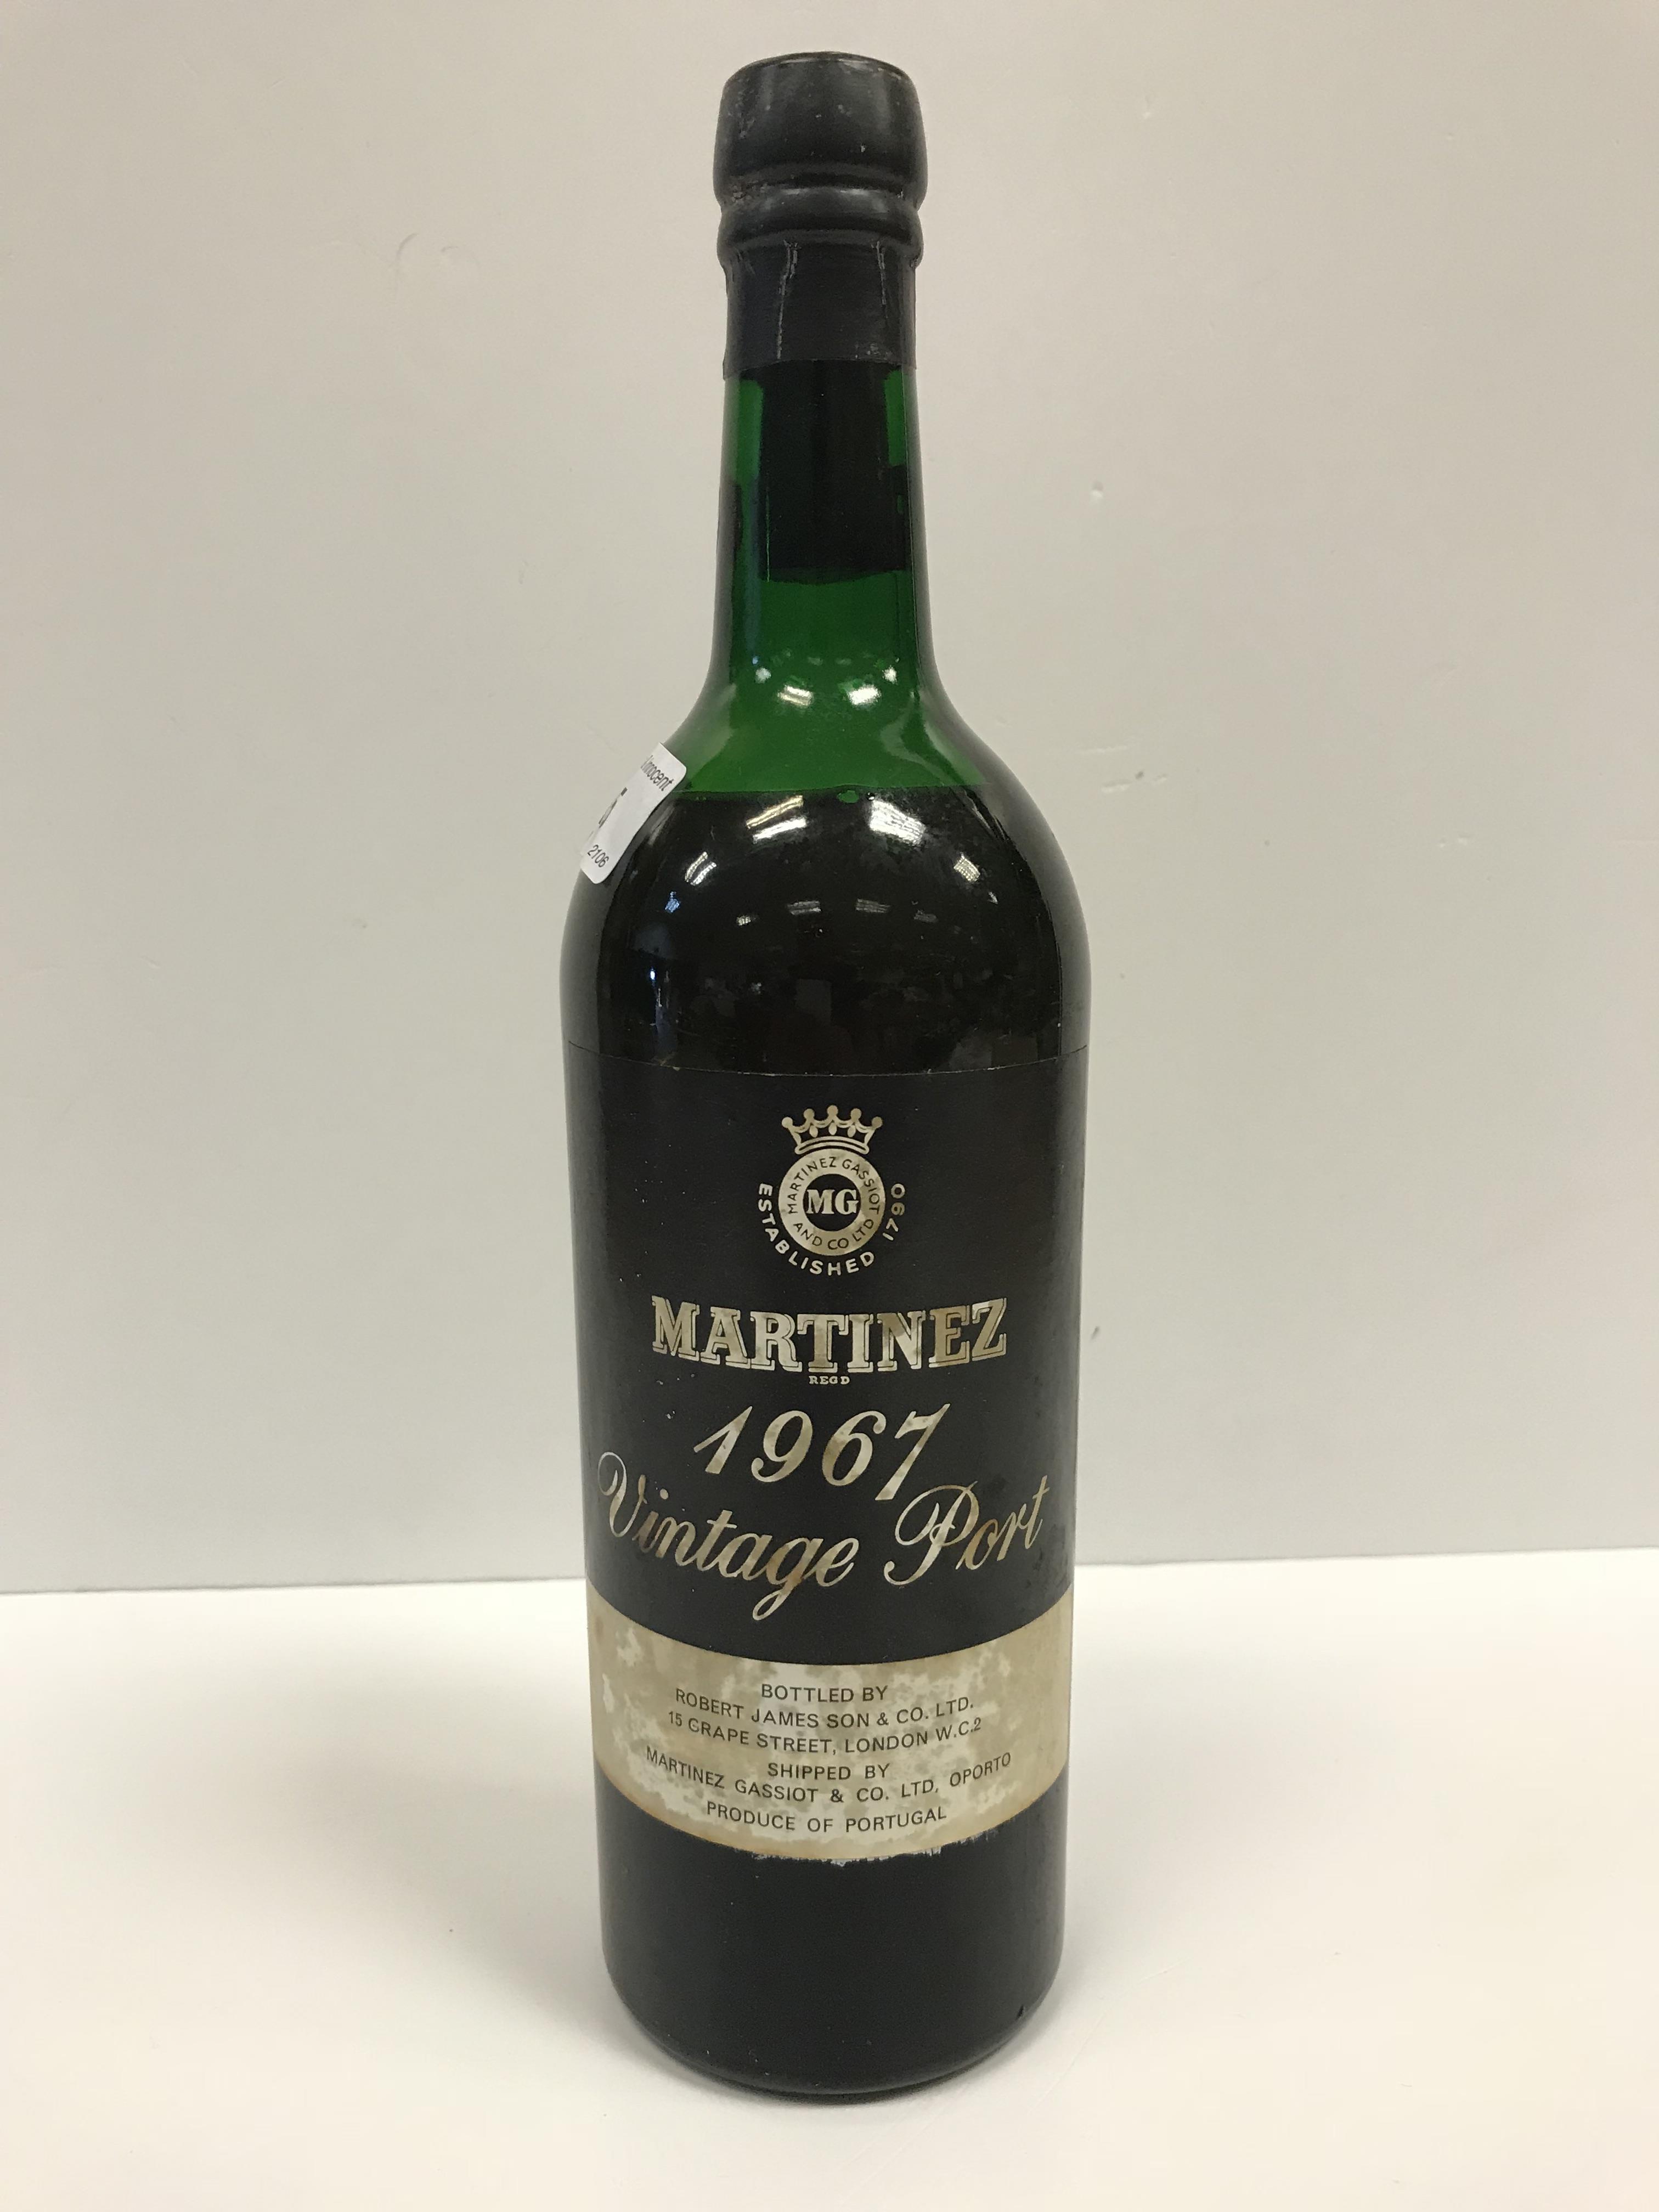 Martinez Vintage Port 1967 bottled by Robert James Son & Co. Ltd x 1 bottle - Image 4 of 4